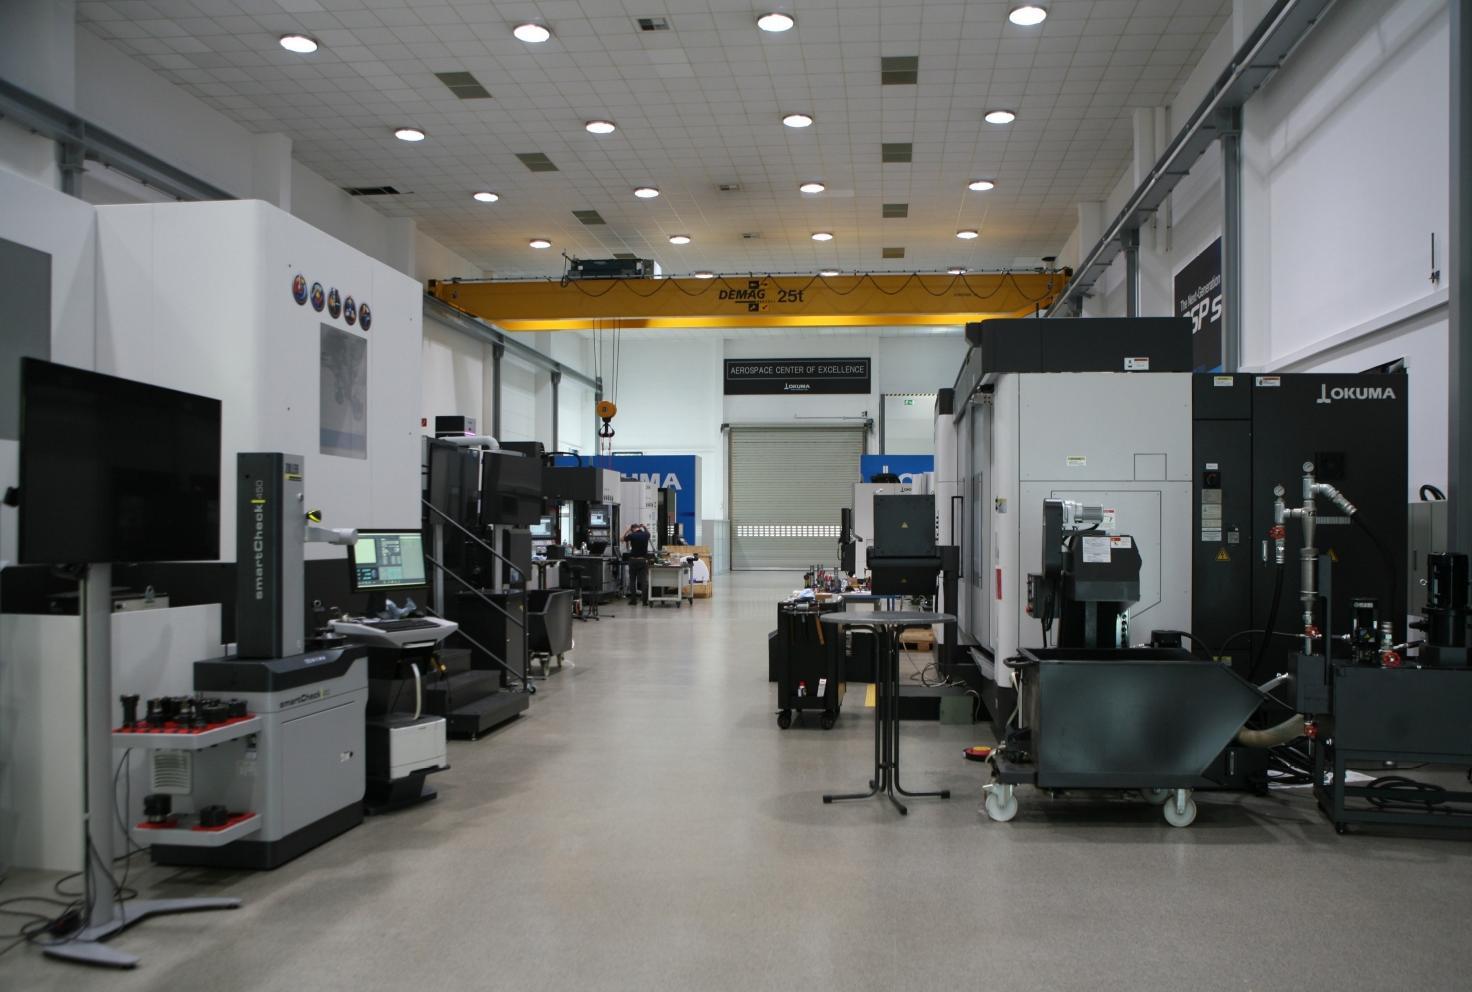 Tijdens de opendeurdagen worden er in dit 'Aerospace of Excellence' live demonstraties gehouden op verschillende machines